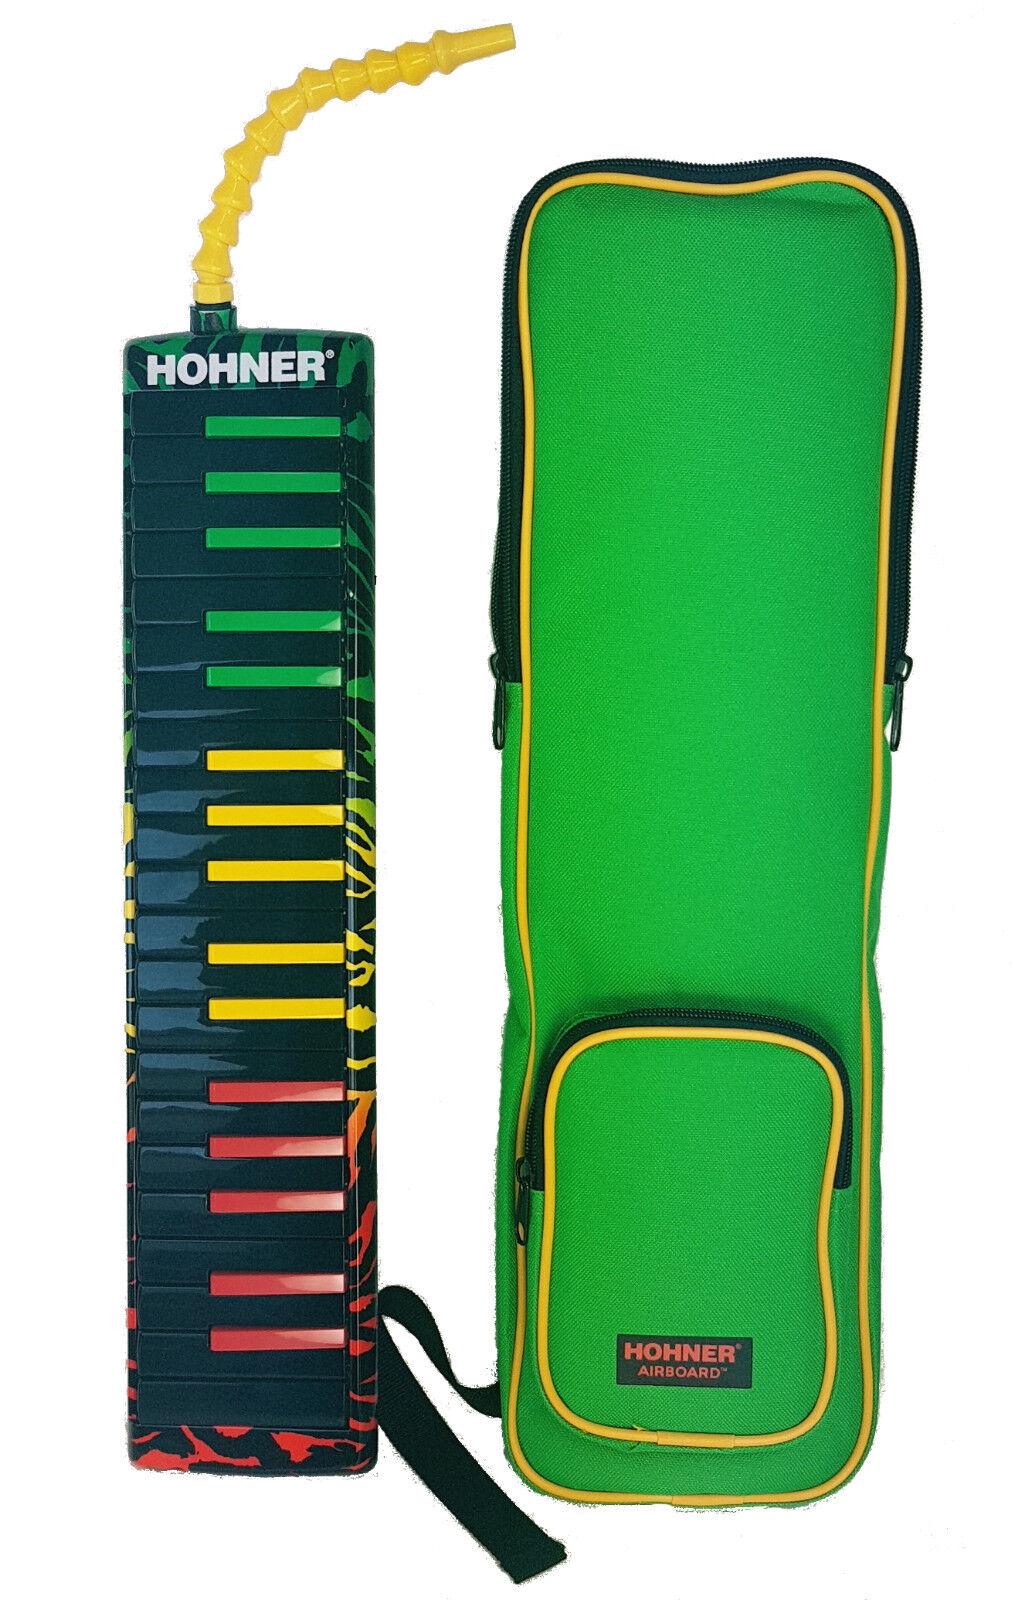 Mélodica HOHNER AIRBOARD   Rasta   Junior Junior Junior touches piano 25, 32 ou 37 notes. ec9404